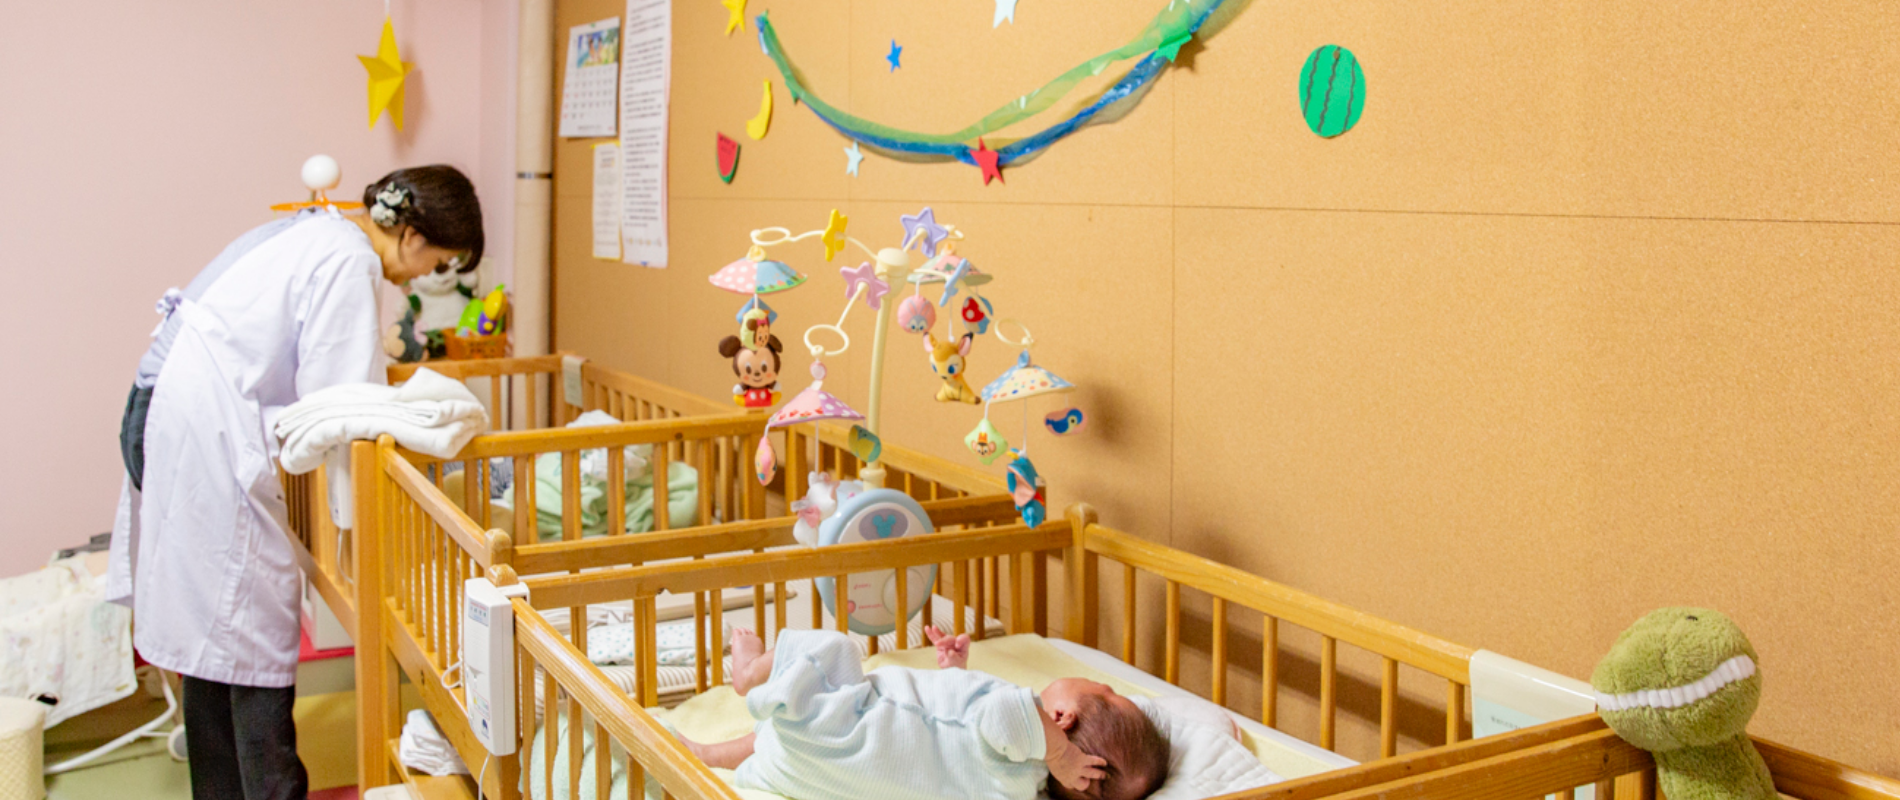 乳児院『カリタスの園つぼみの寮』の新生児室